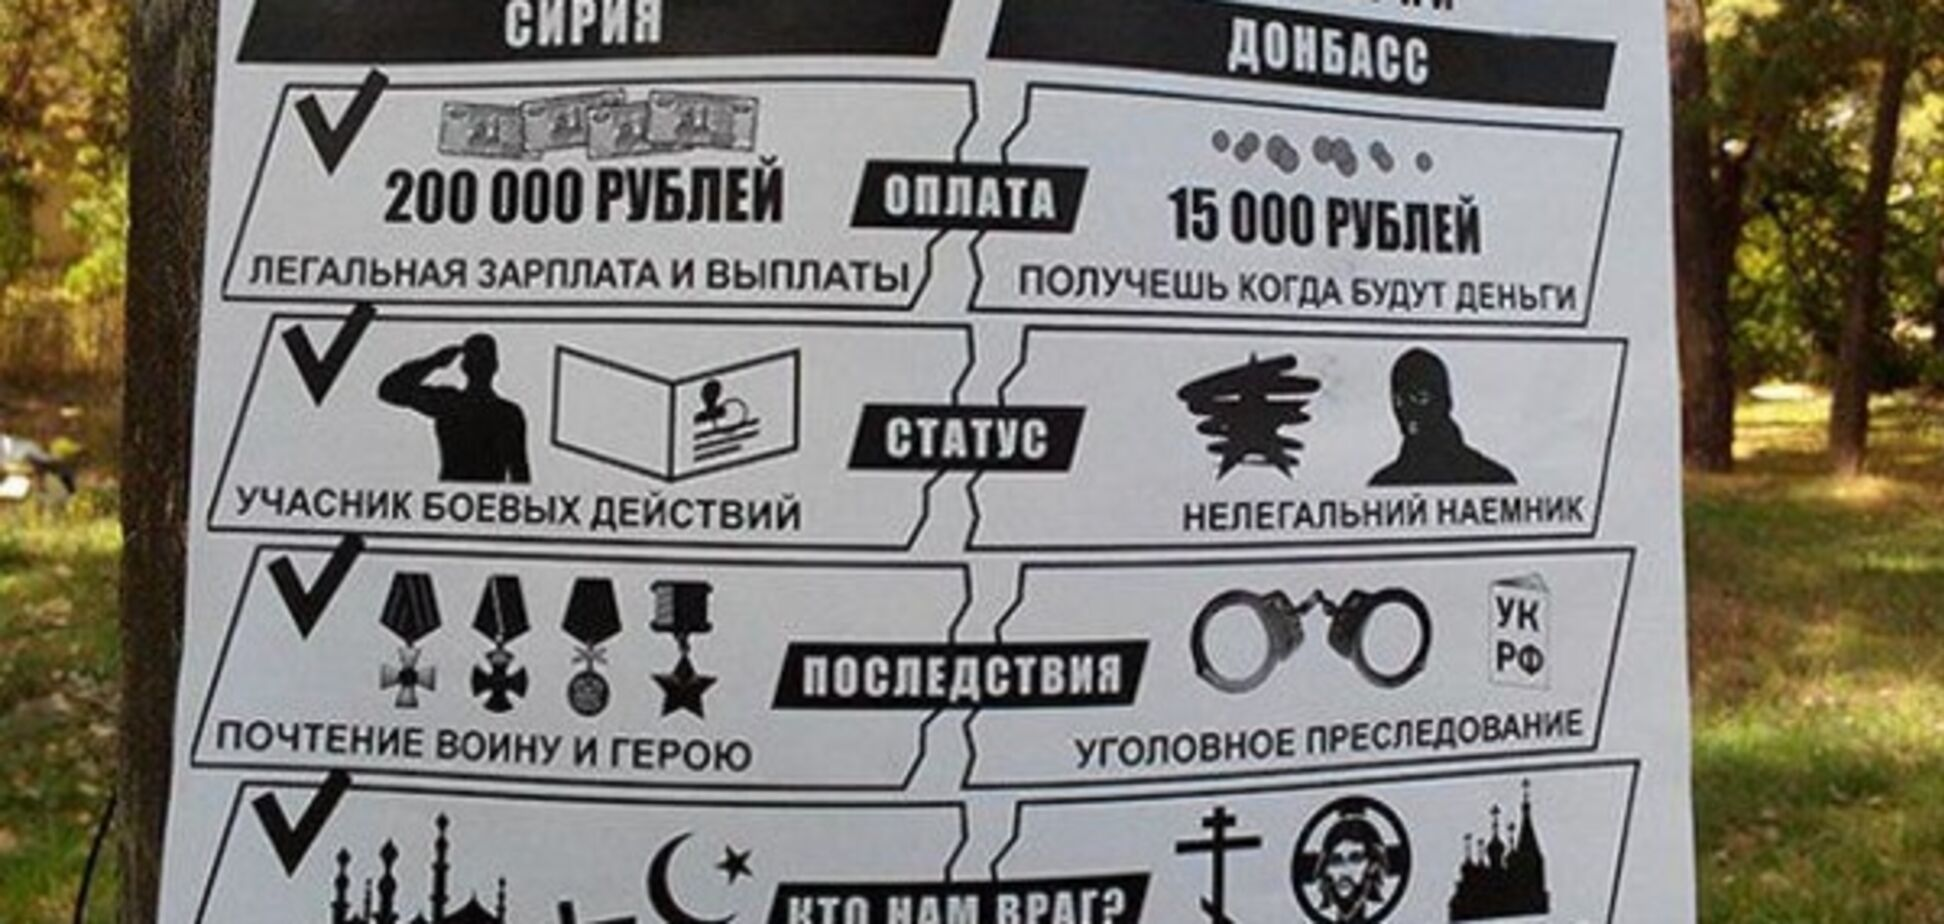 'Вшанування героя': в 'ДНР' листівками заманюють 'гарматне м'ясо' на війну до Сирії. Фотофакт